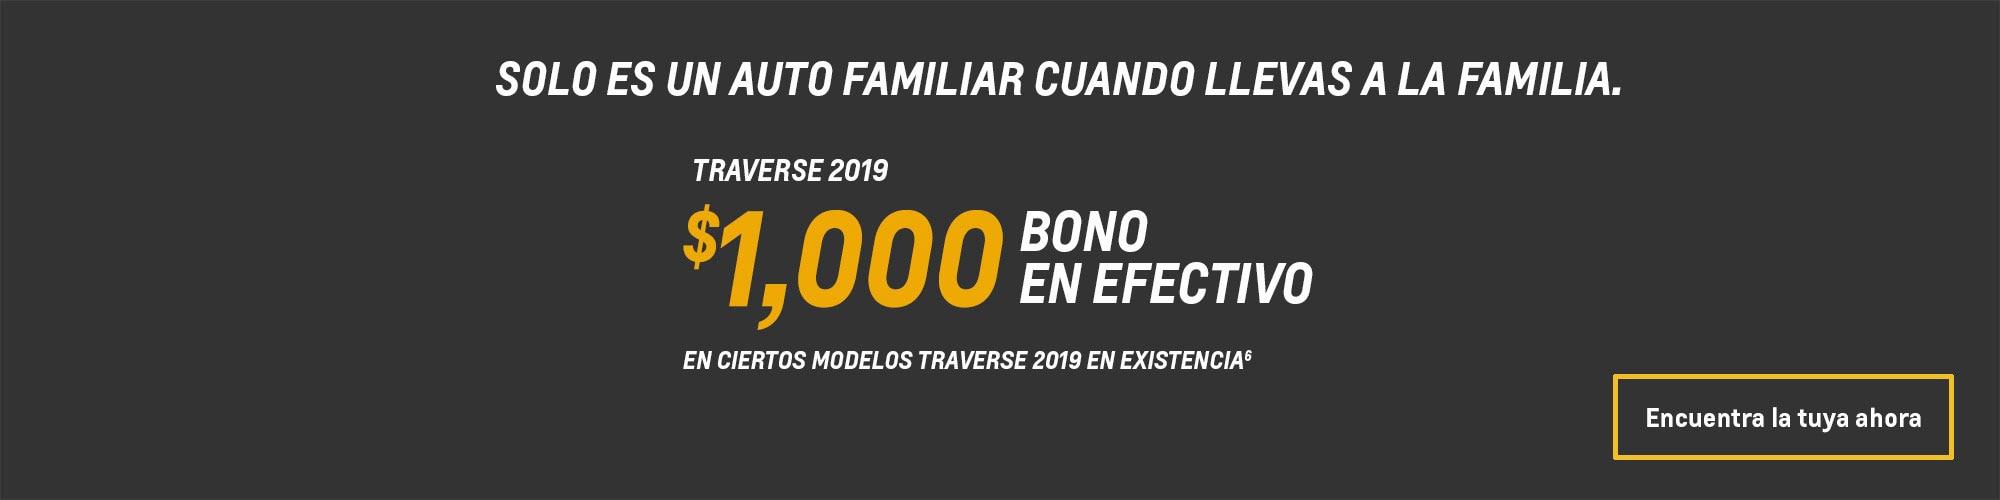 Ofertas en SUV de tamaño mediano Traverse 2019